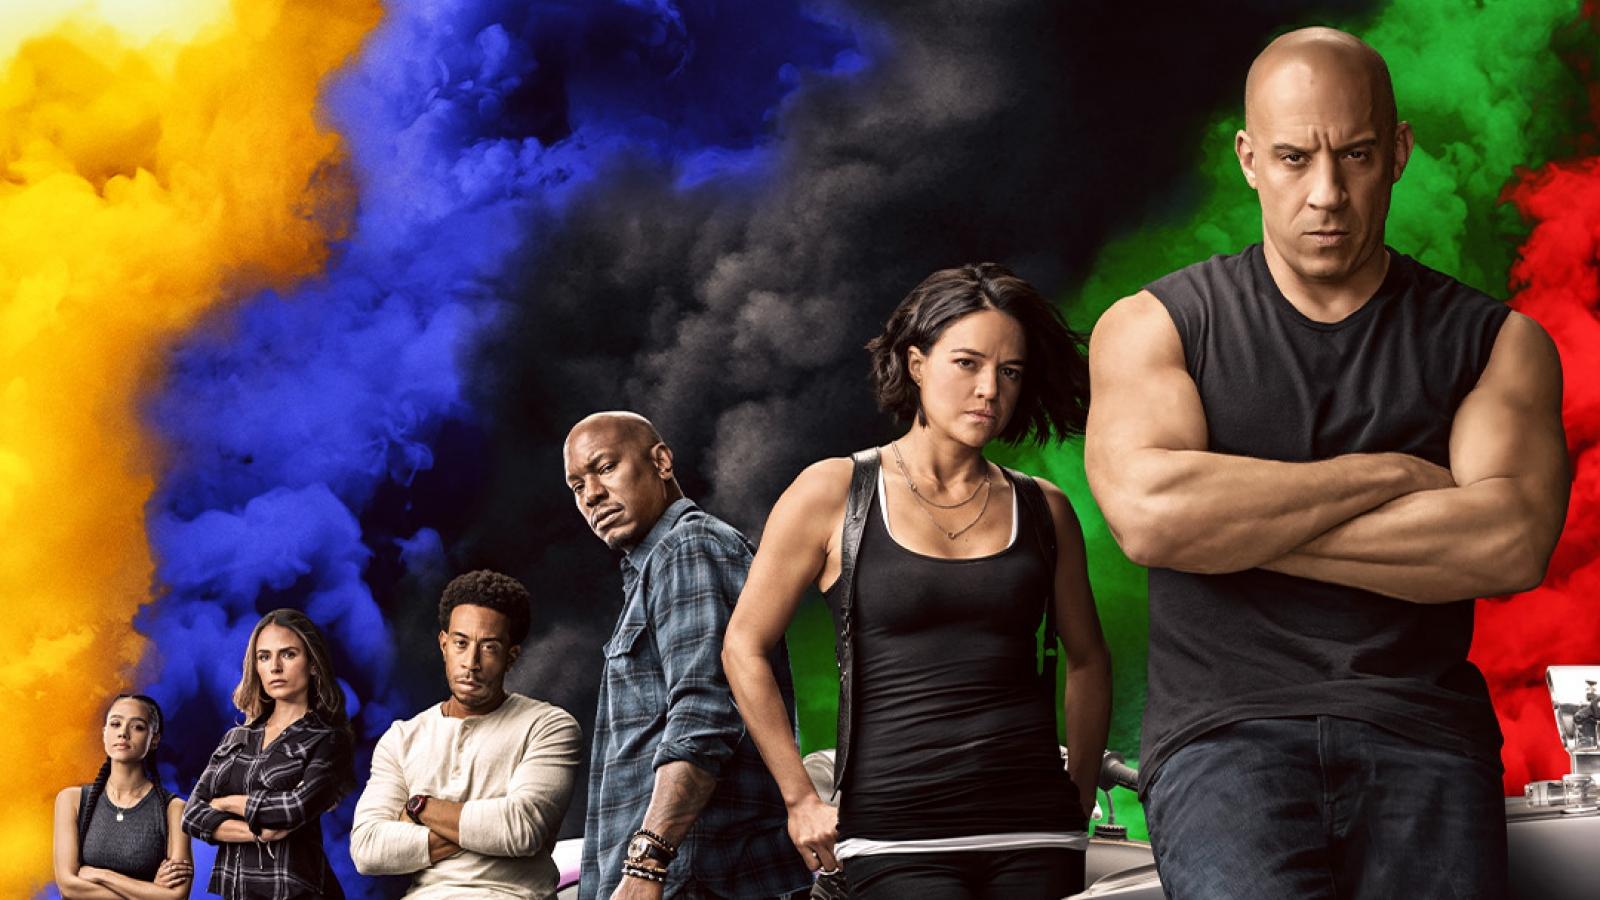 """""""Fast & furious 9"""" đạt doanh thu khủng hứa hẹn phục hồi phòng vé toàn cầu mùa phim hè 2021"""